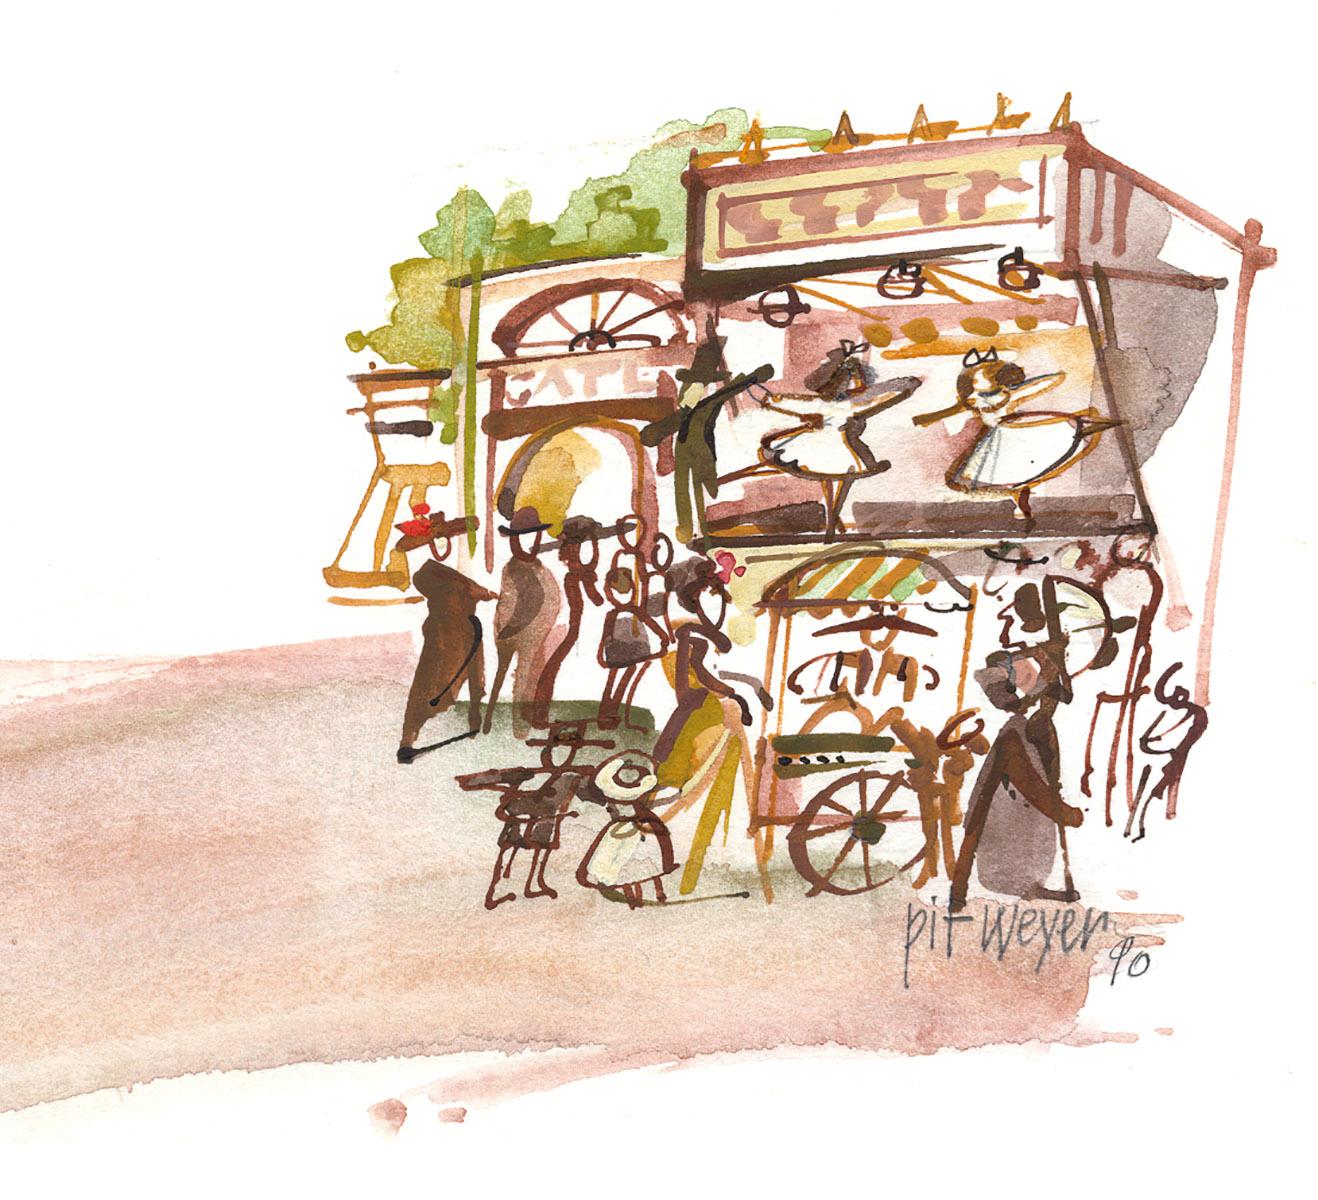 illustration Pit Weyer ancienne Schueberfouer 1990